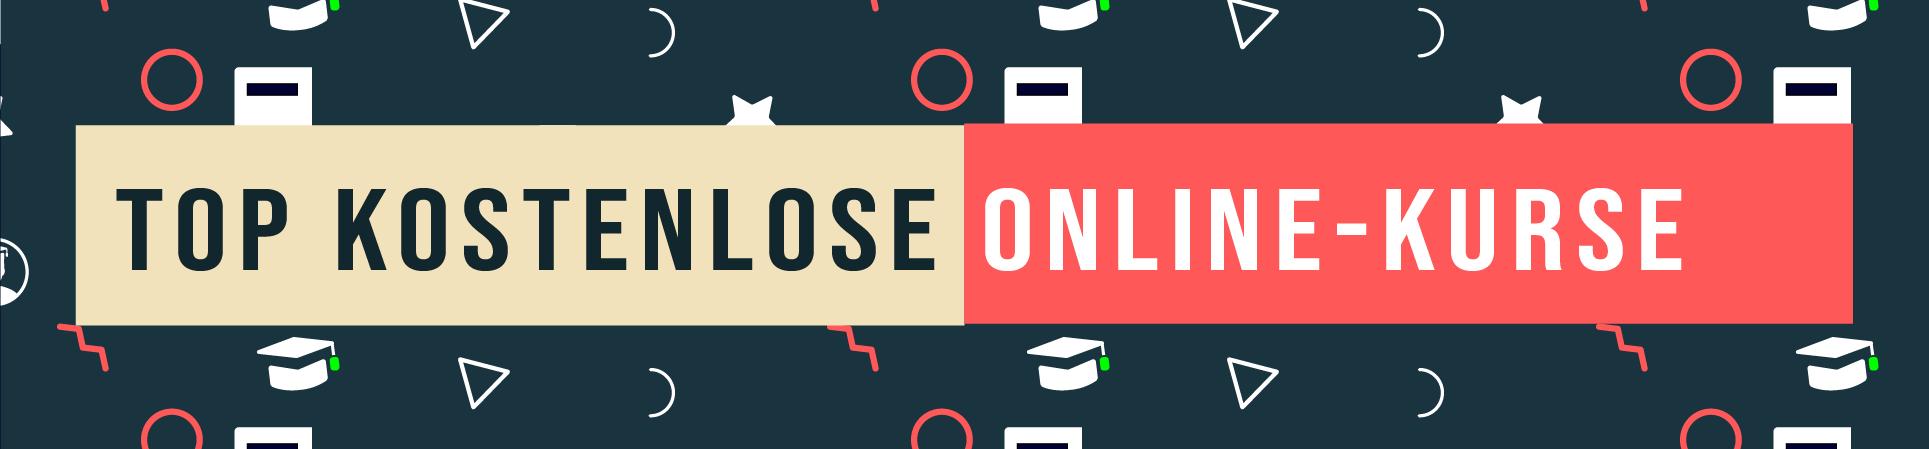 Top kostenlose Online-Kurse Übersicht